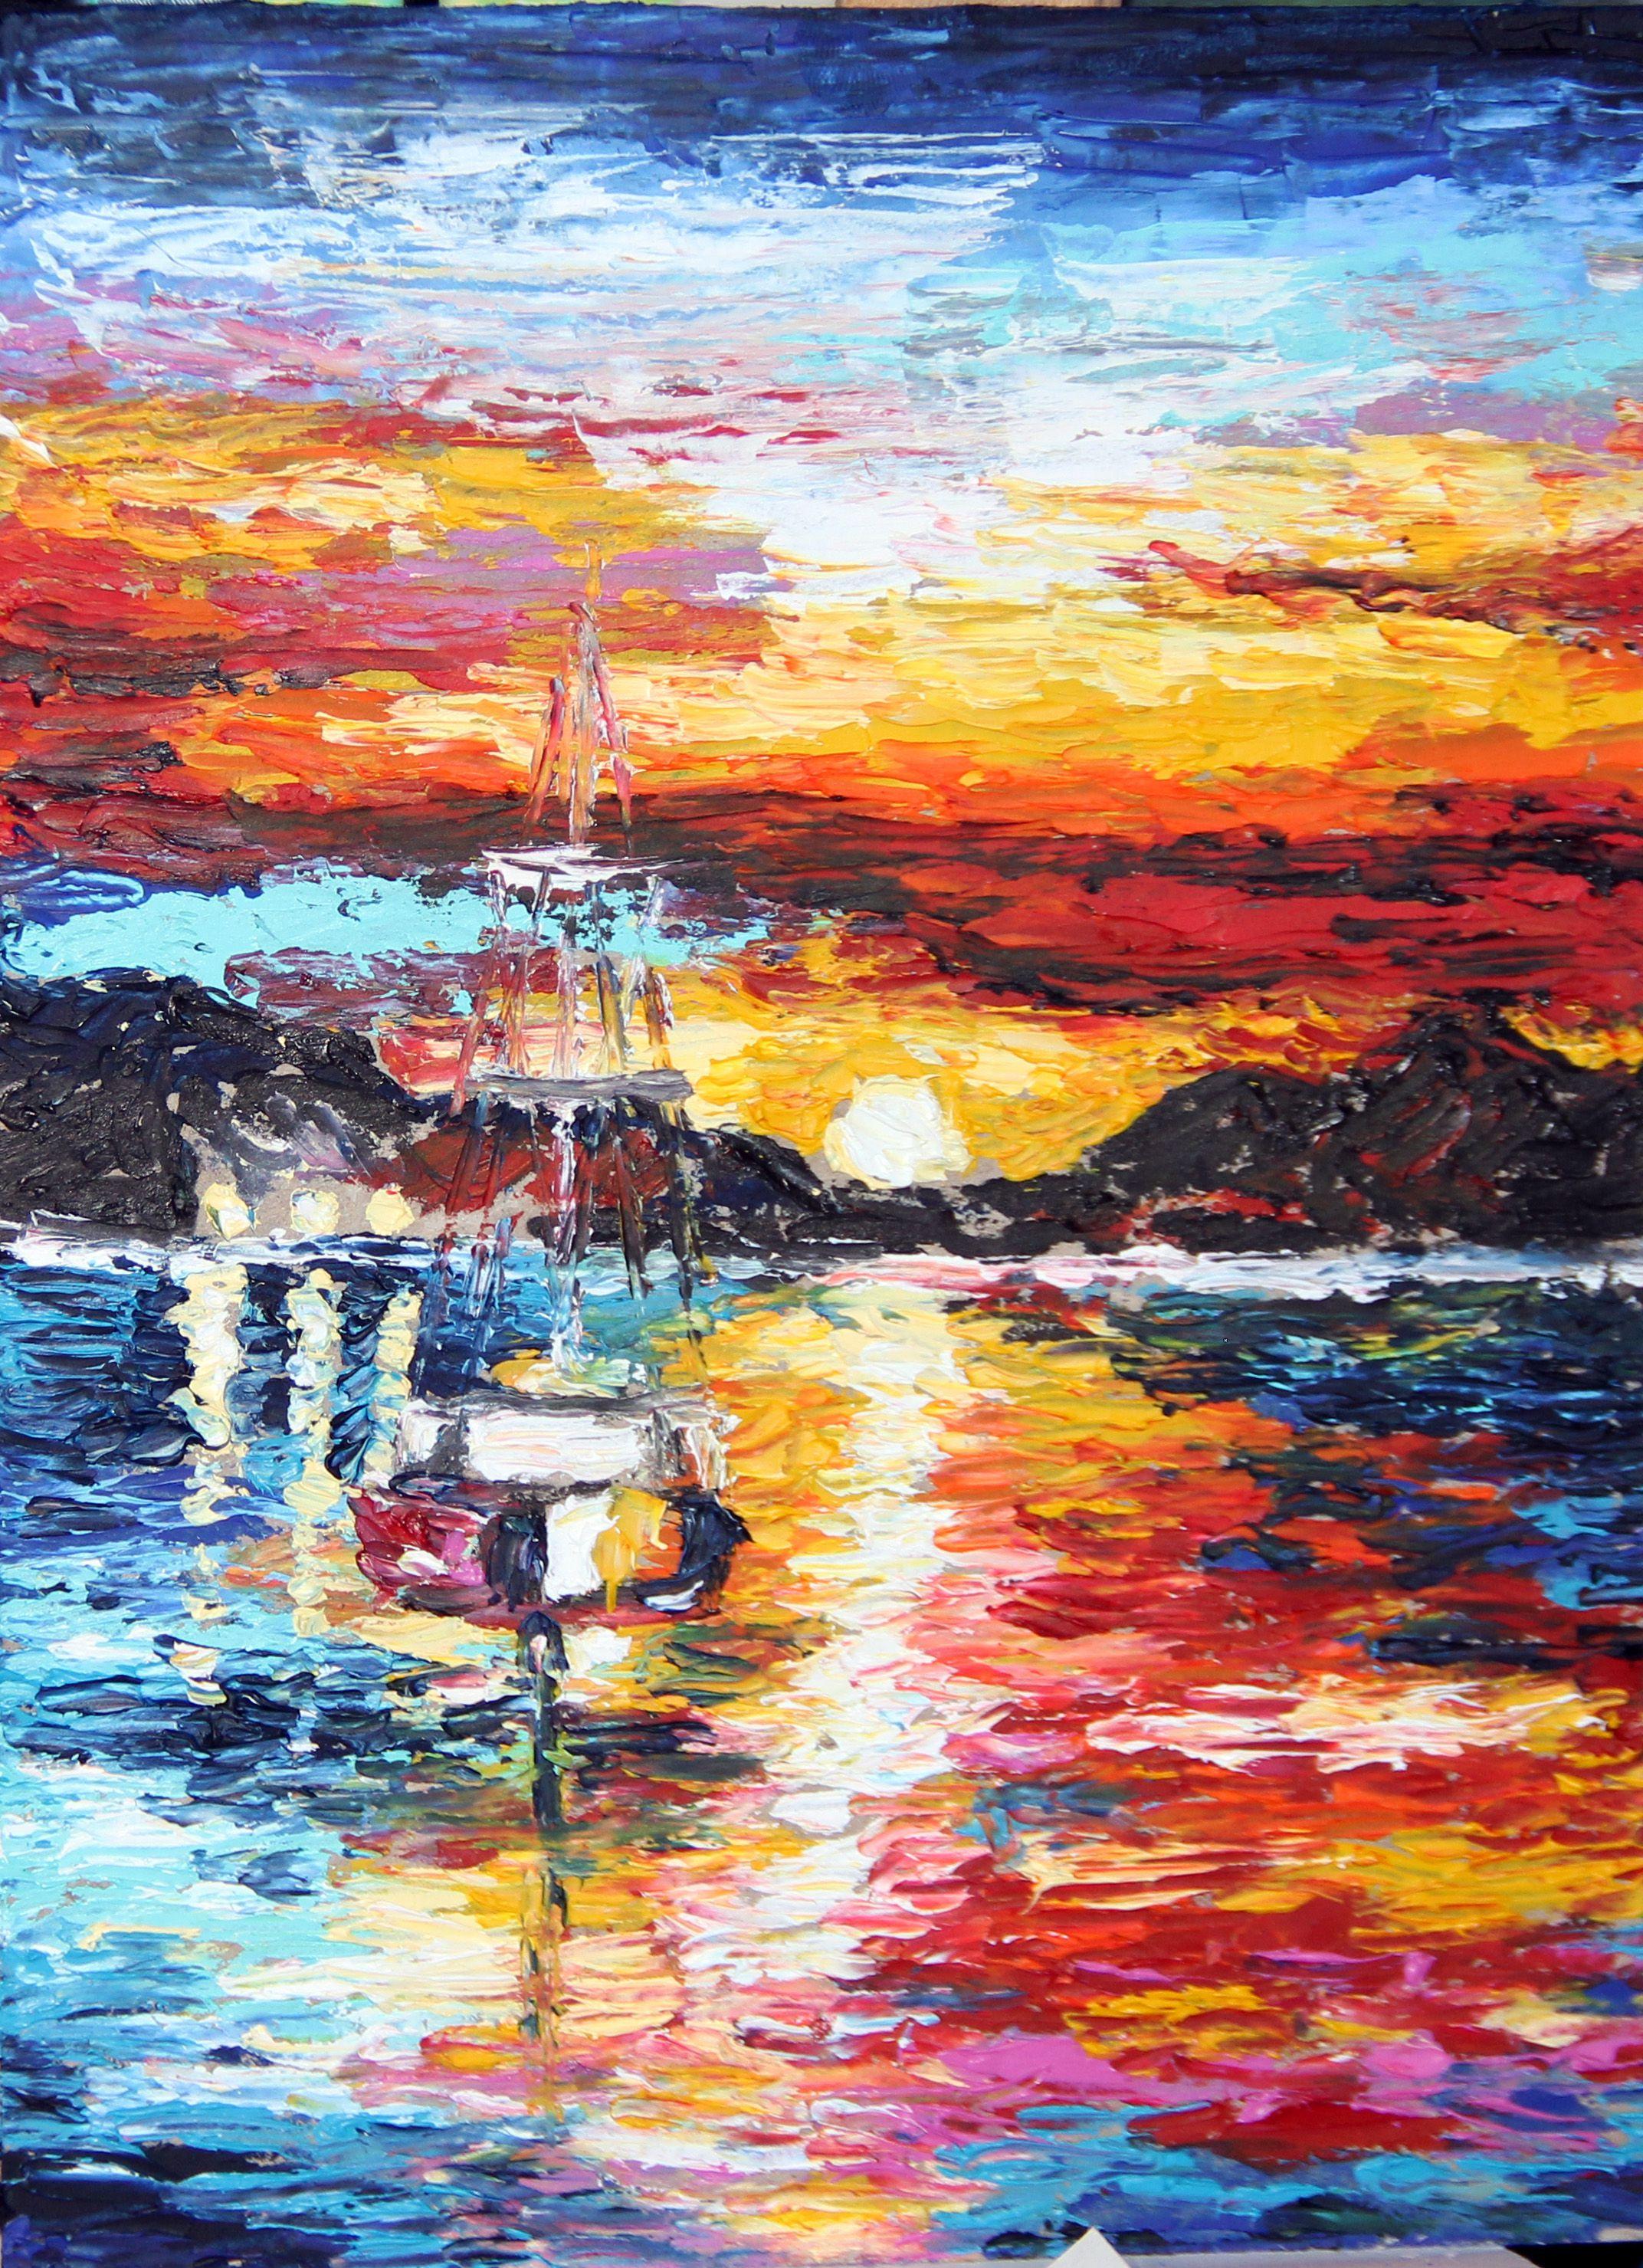 seascape oils painting